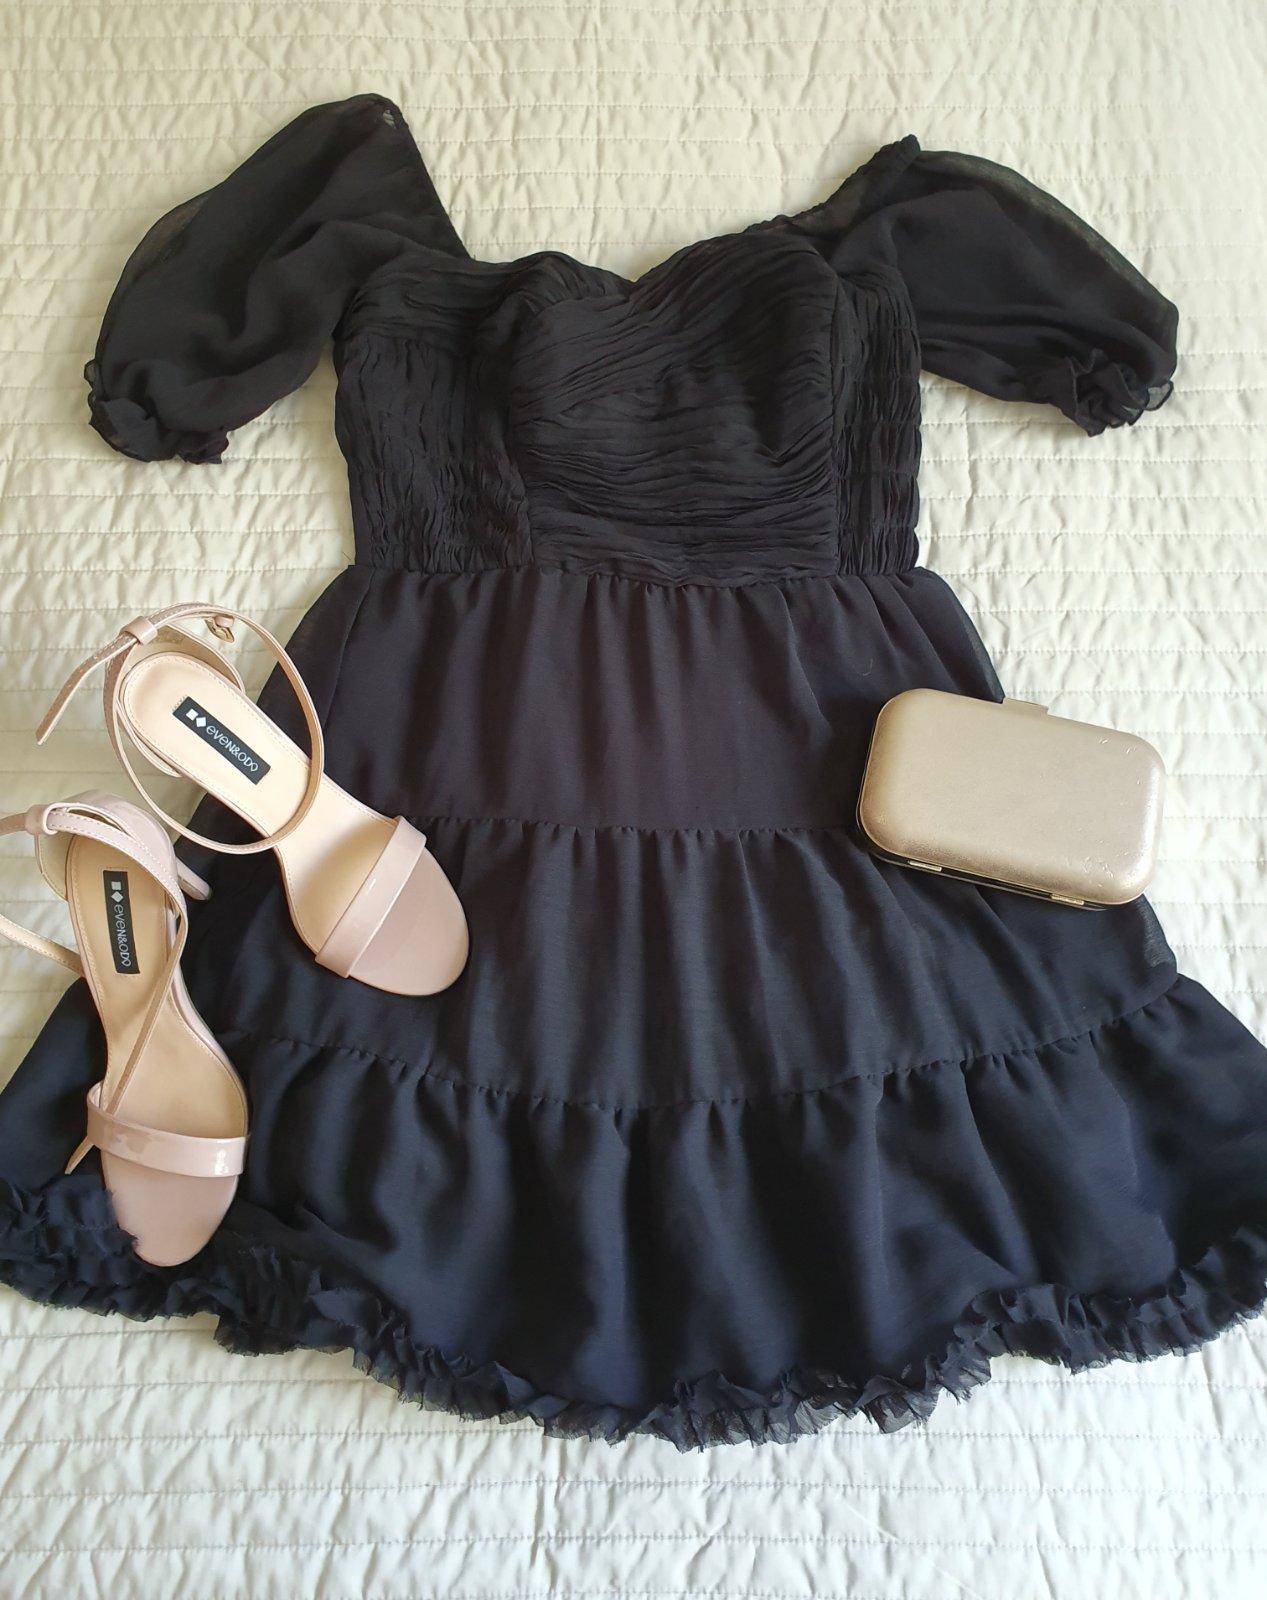 čierne bohaté šaty - Obrázok č. 1